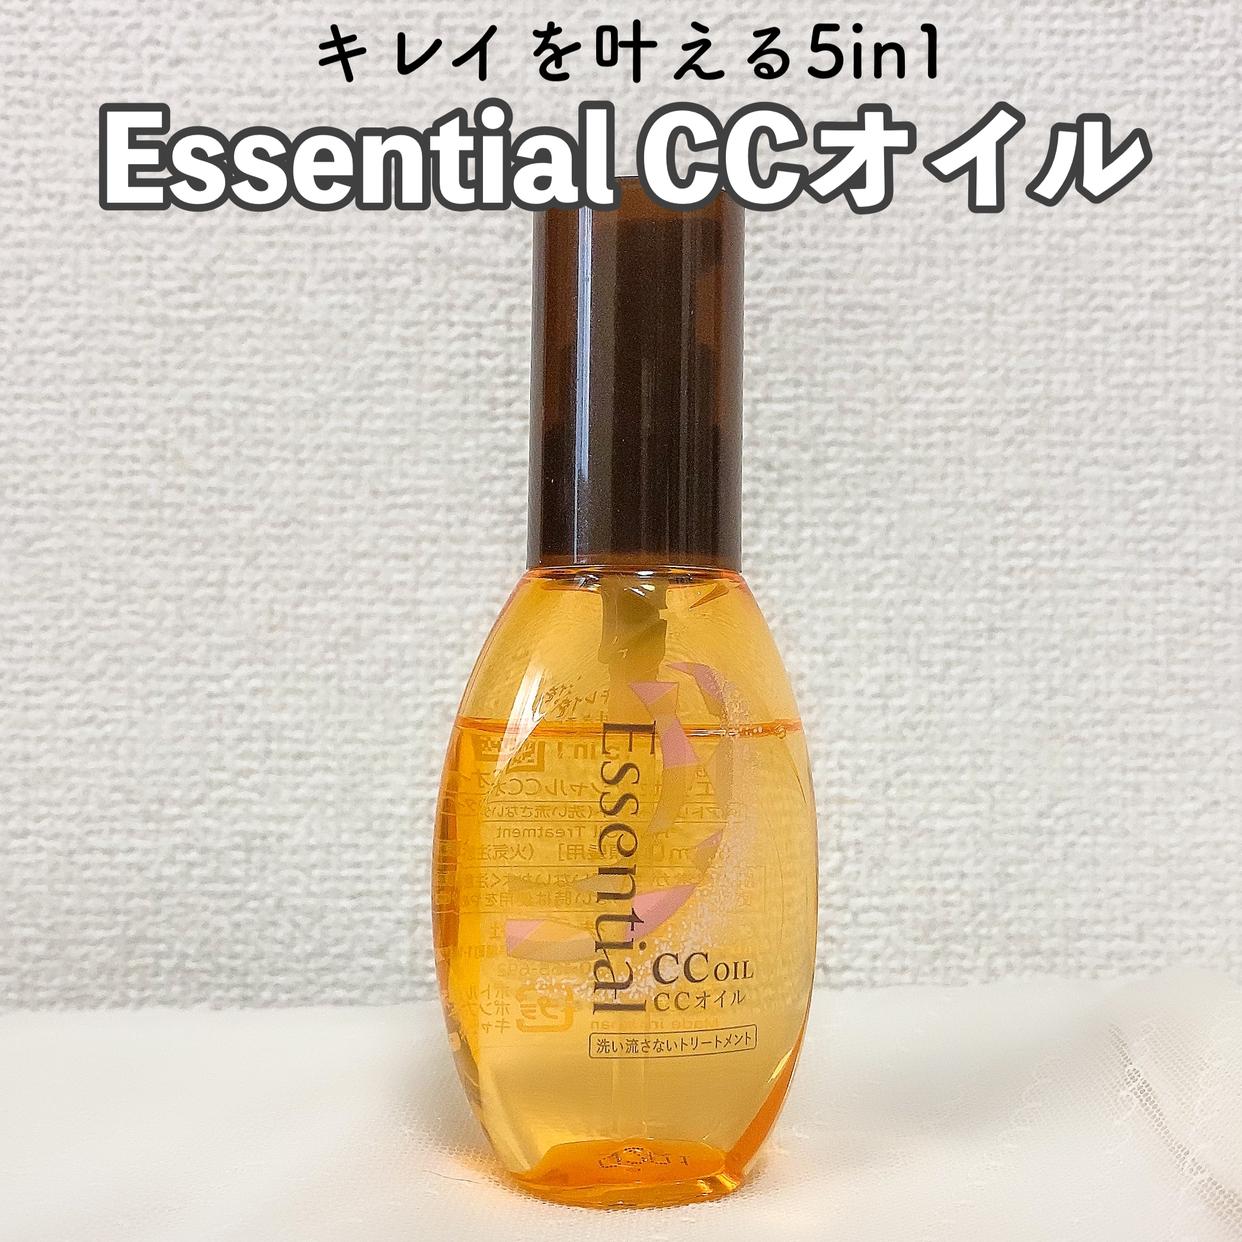 Essential(エッセンシャル) CCオイルを使った只野ひとみさんのクチコミ画像